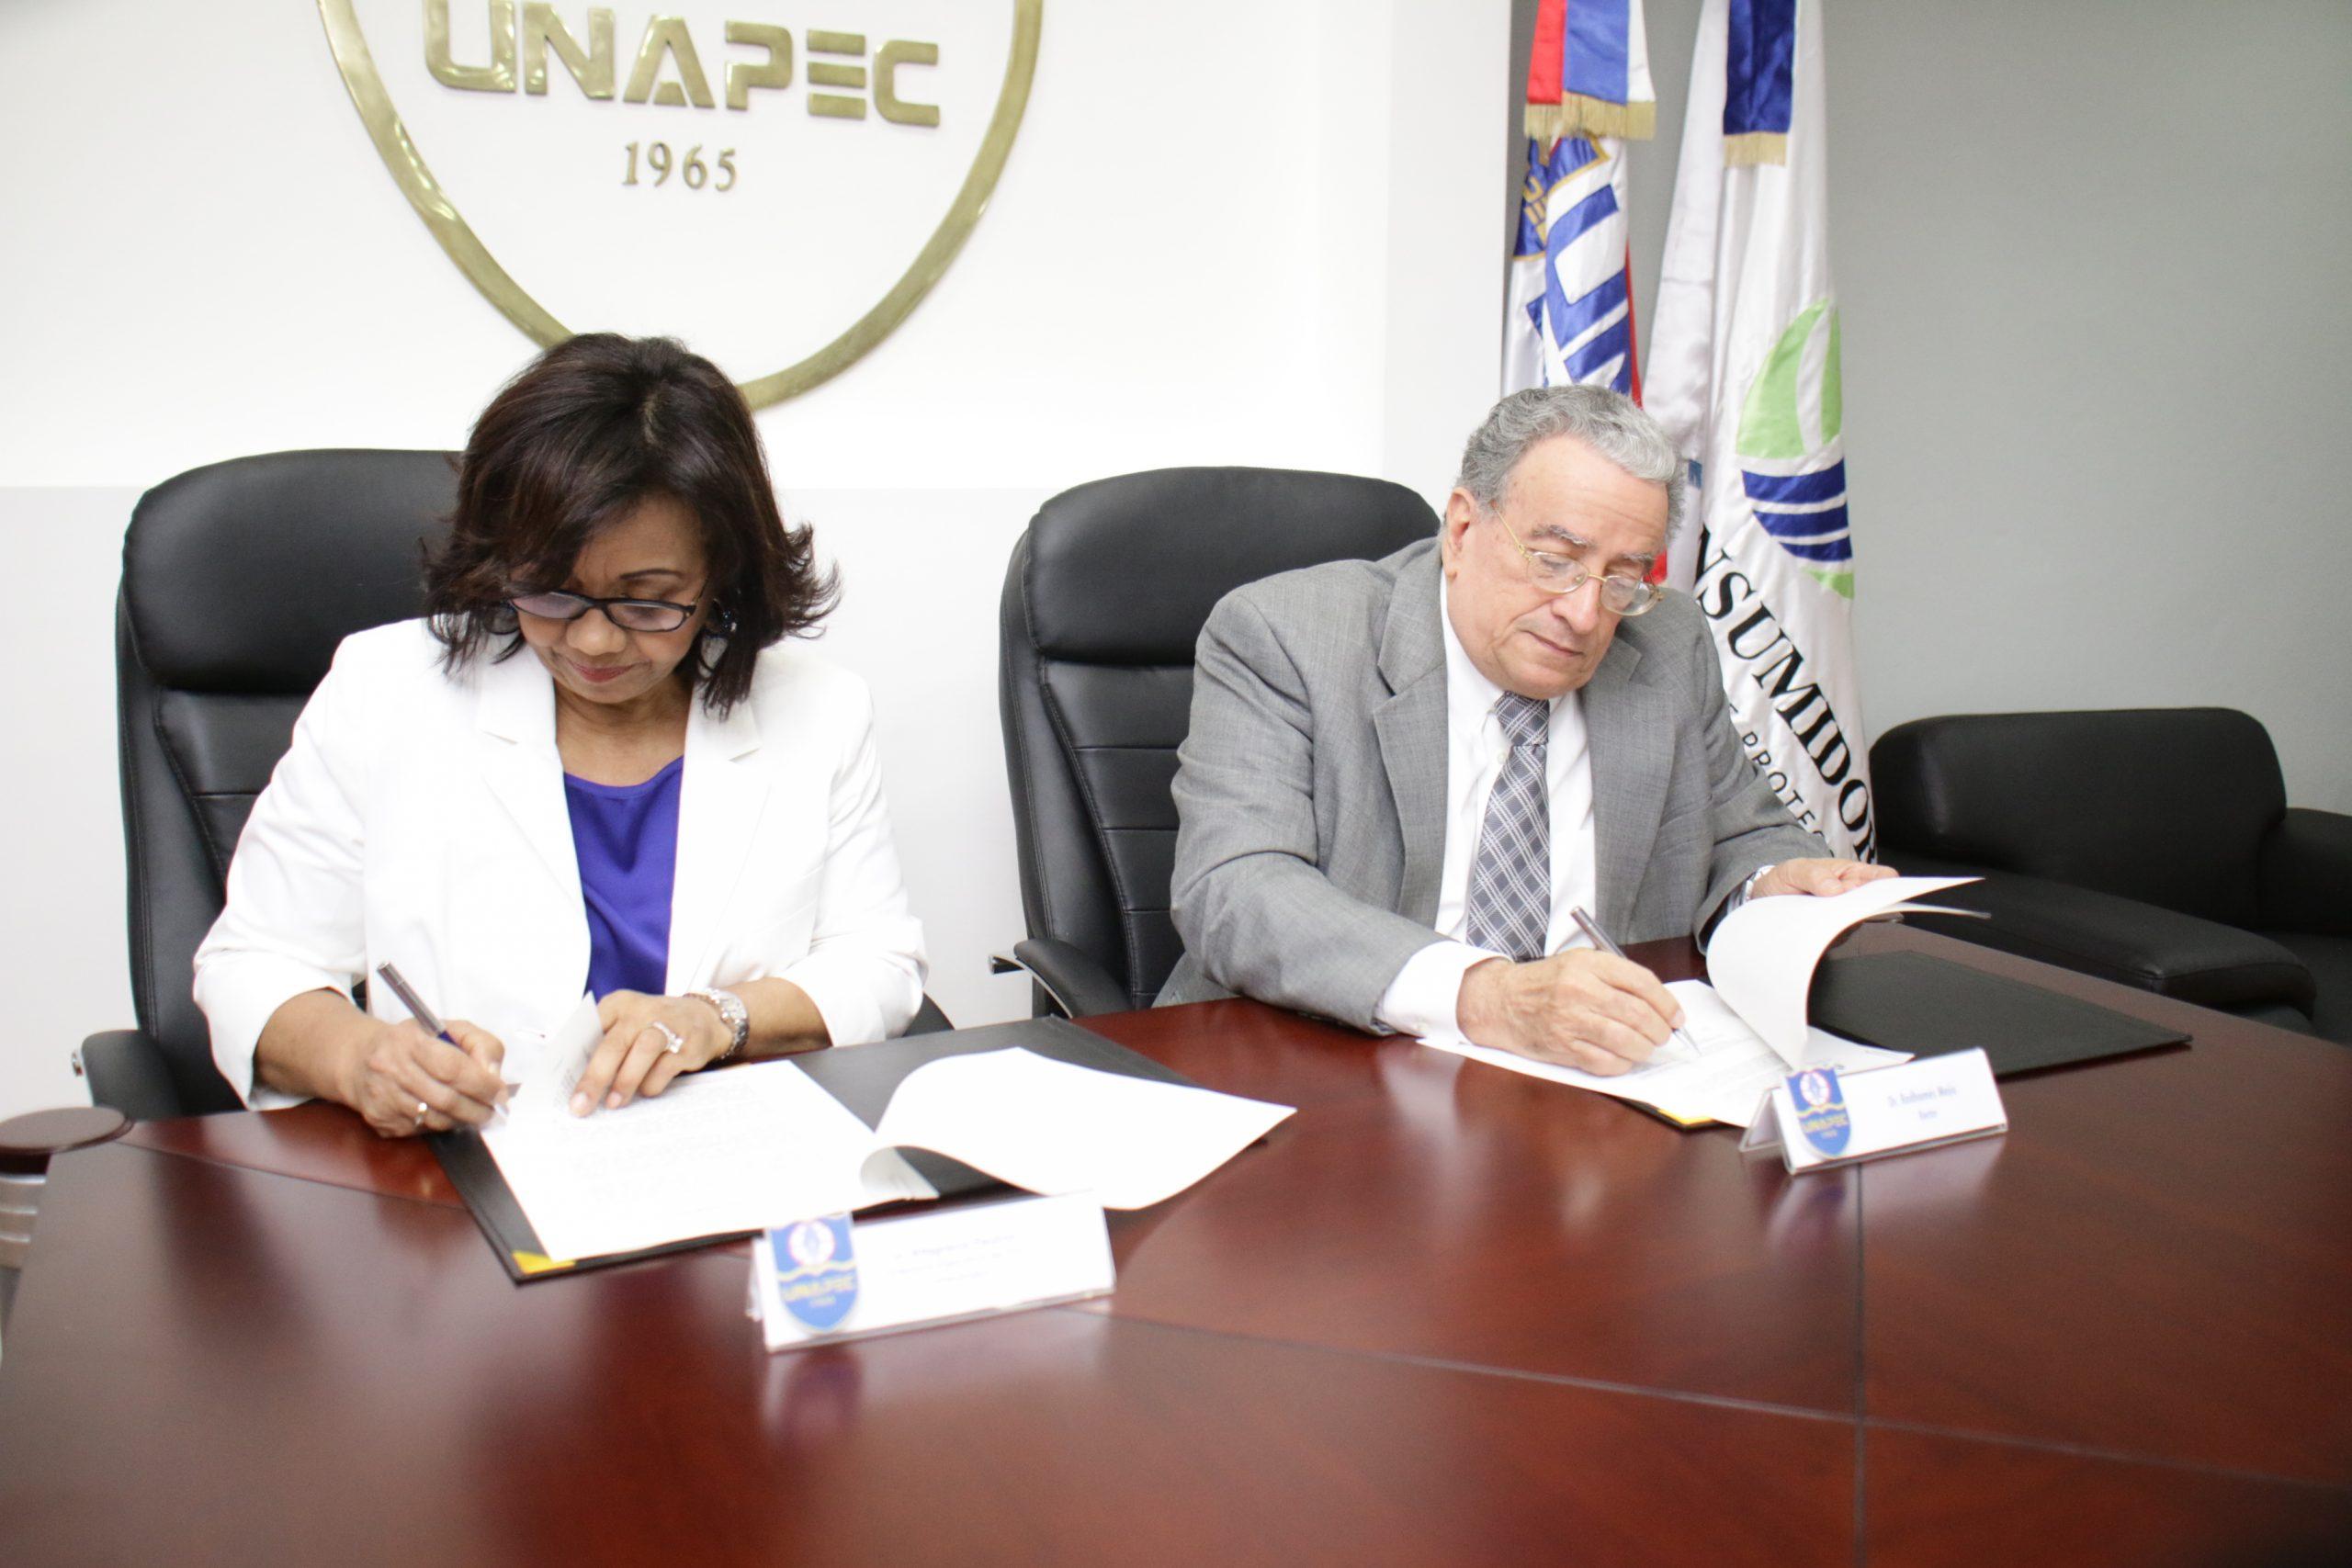 Altagracia Paulino y Radhamés Mejía Tejeda firman el convenio en la sede de la Unapec./elDinero